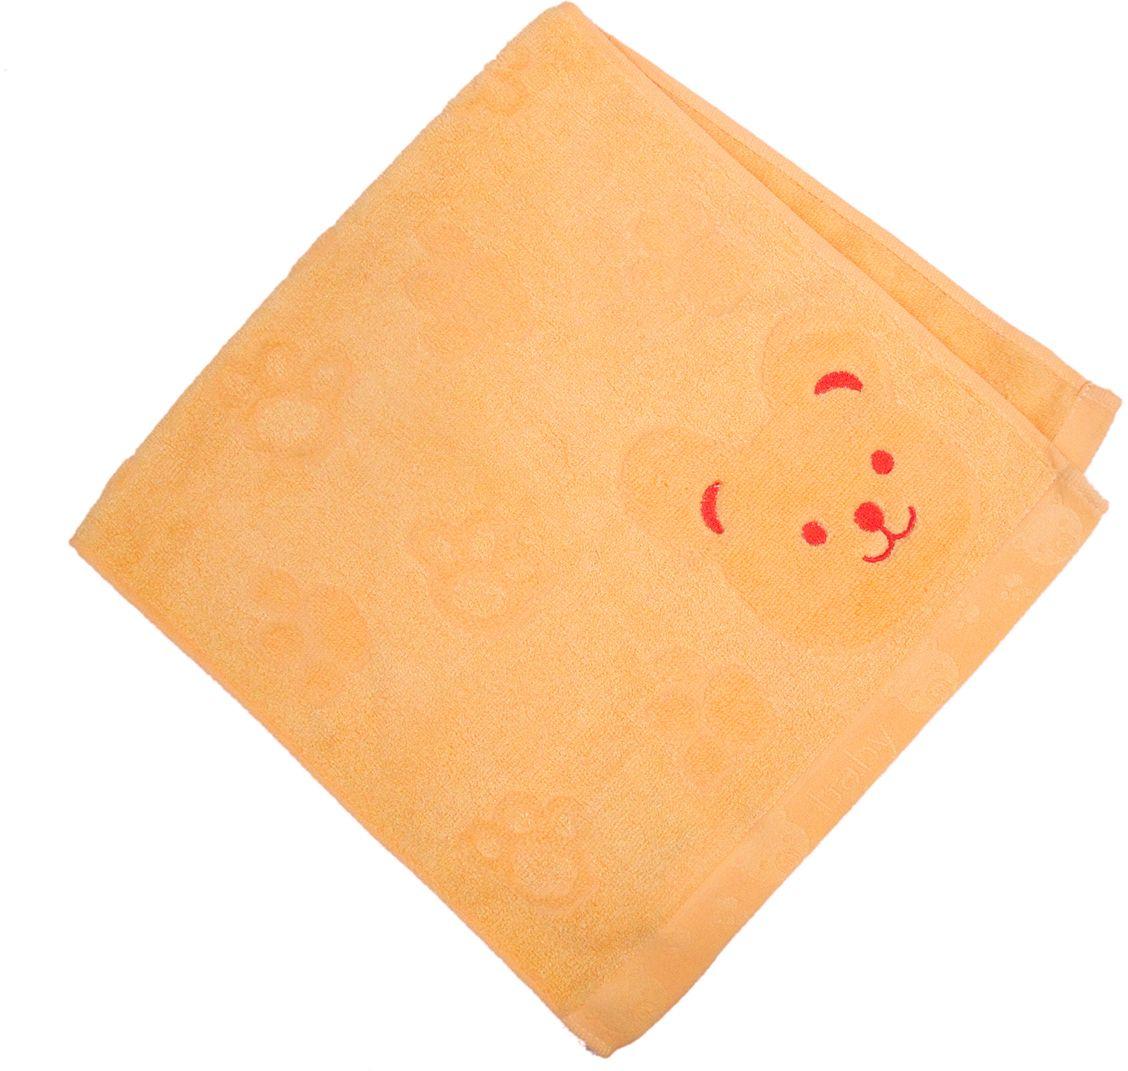 Полотенце махровое НВ Счастливый медведь, цвет: желтый, 33 х 70 см. м0392_0655310